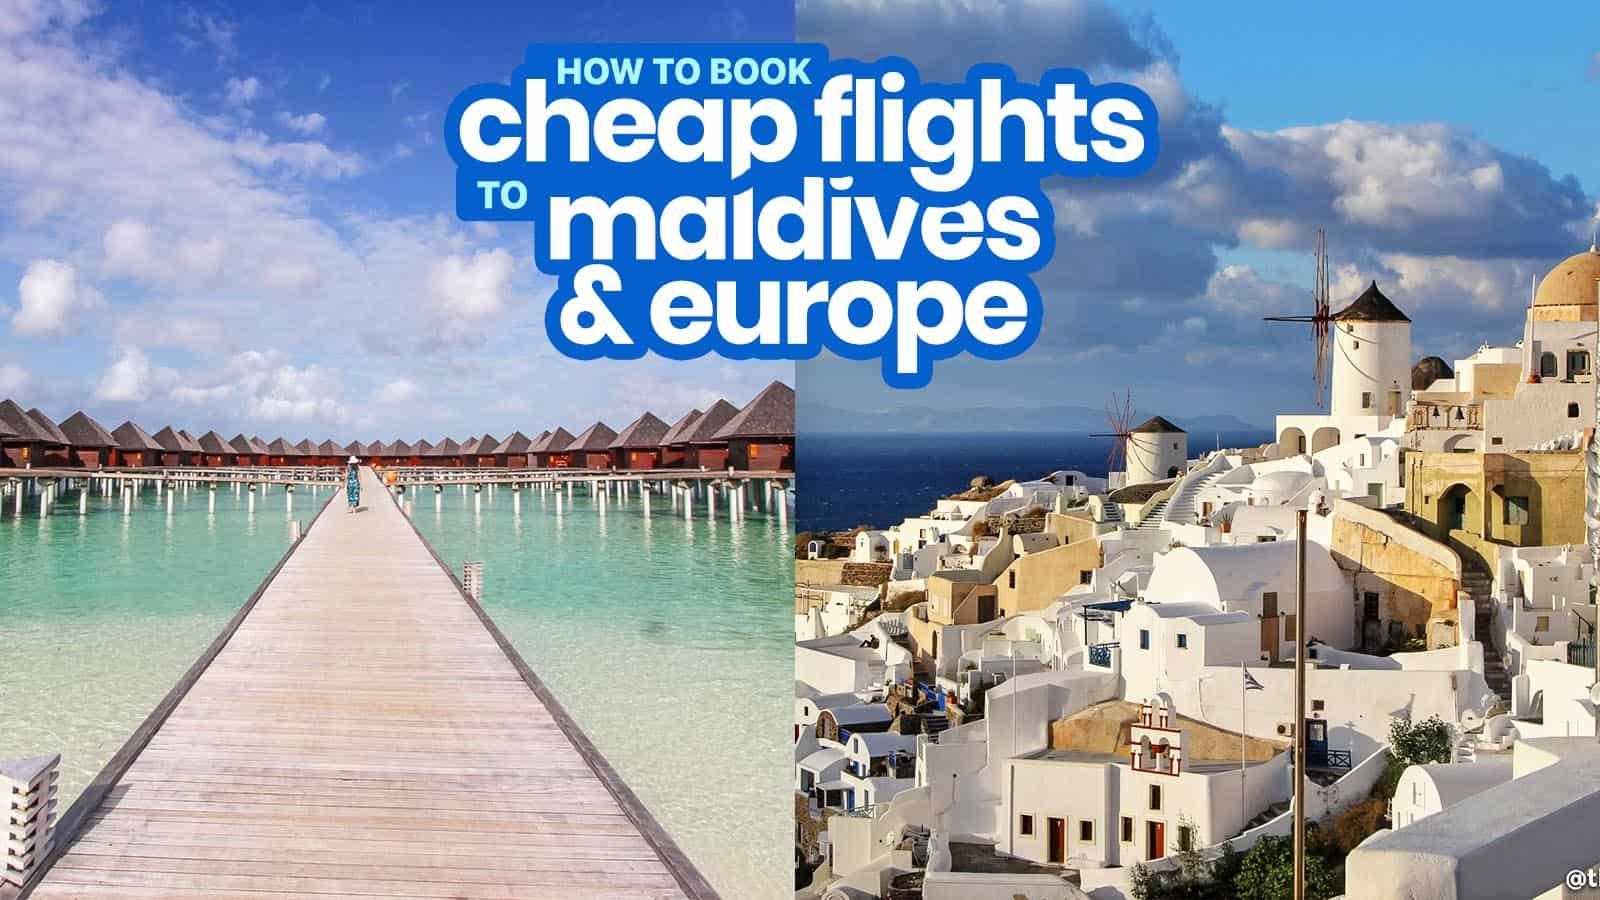 如何用Scoot预订前往欧洲、马尔代夫等地的廉价航班!穷游者的行程博客